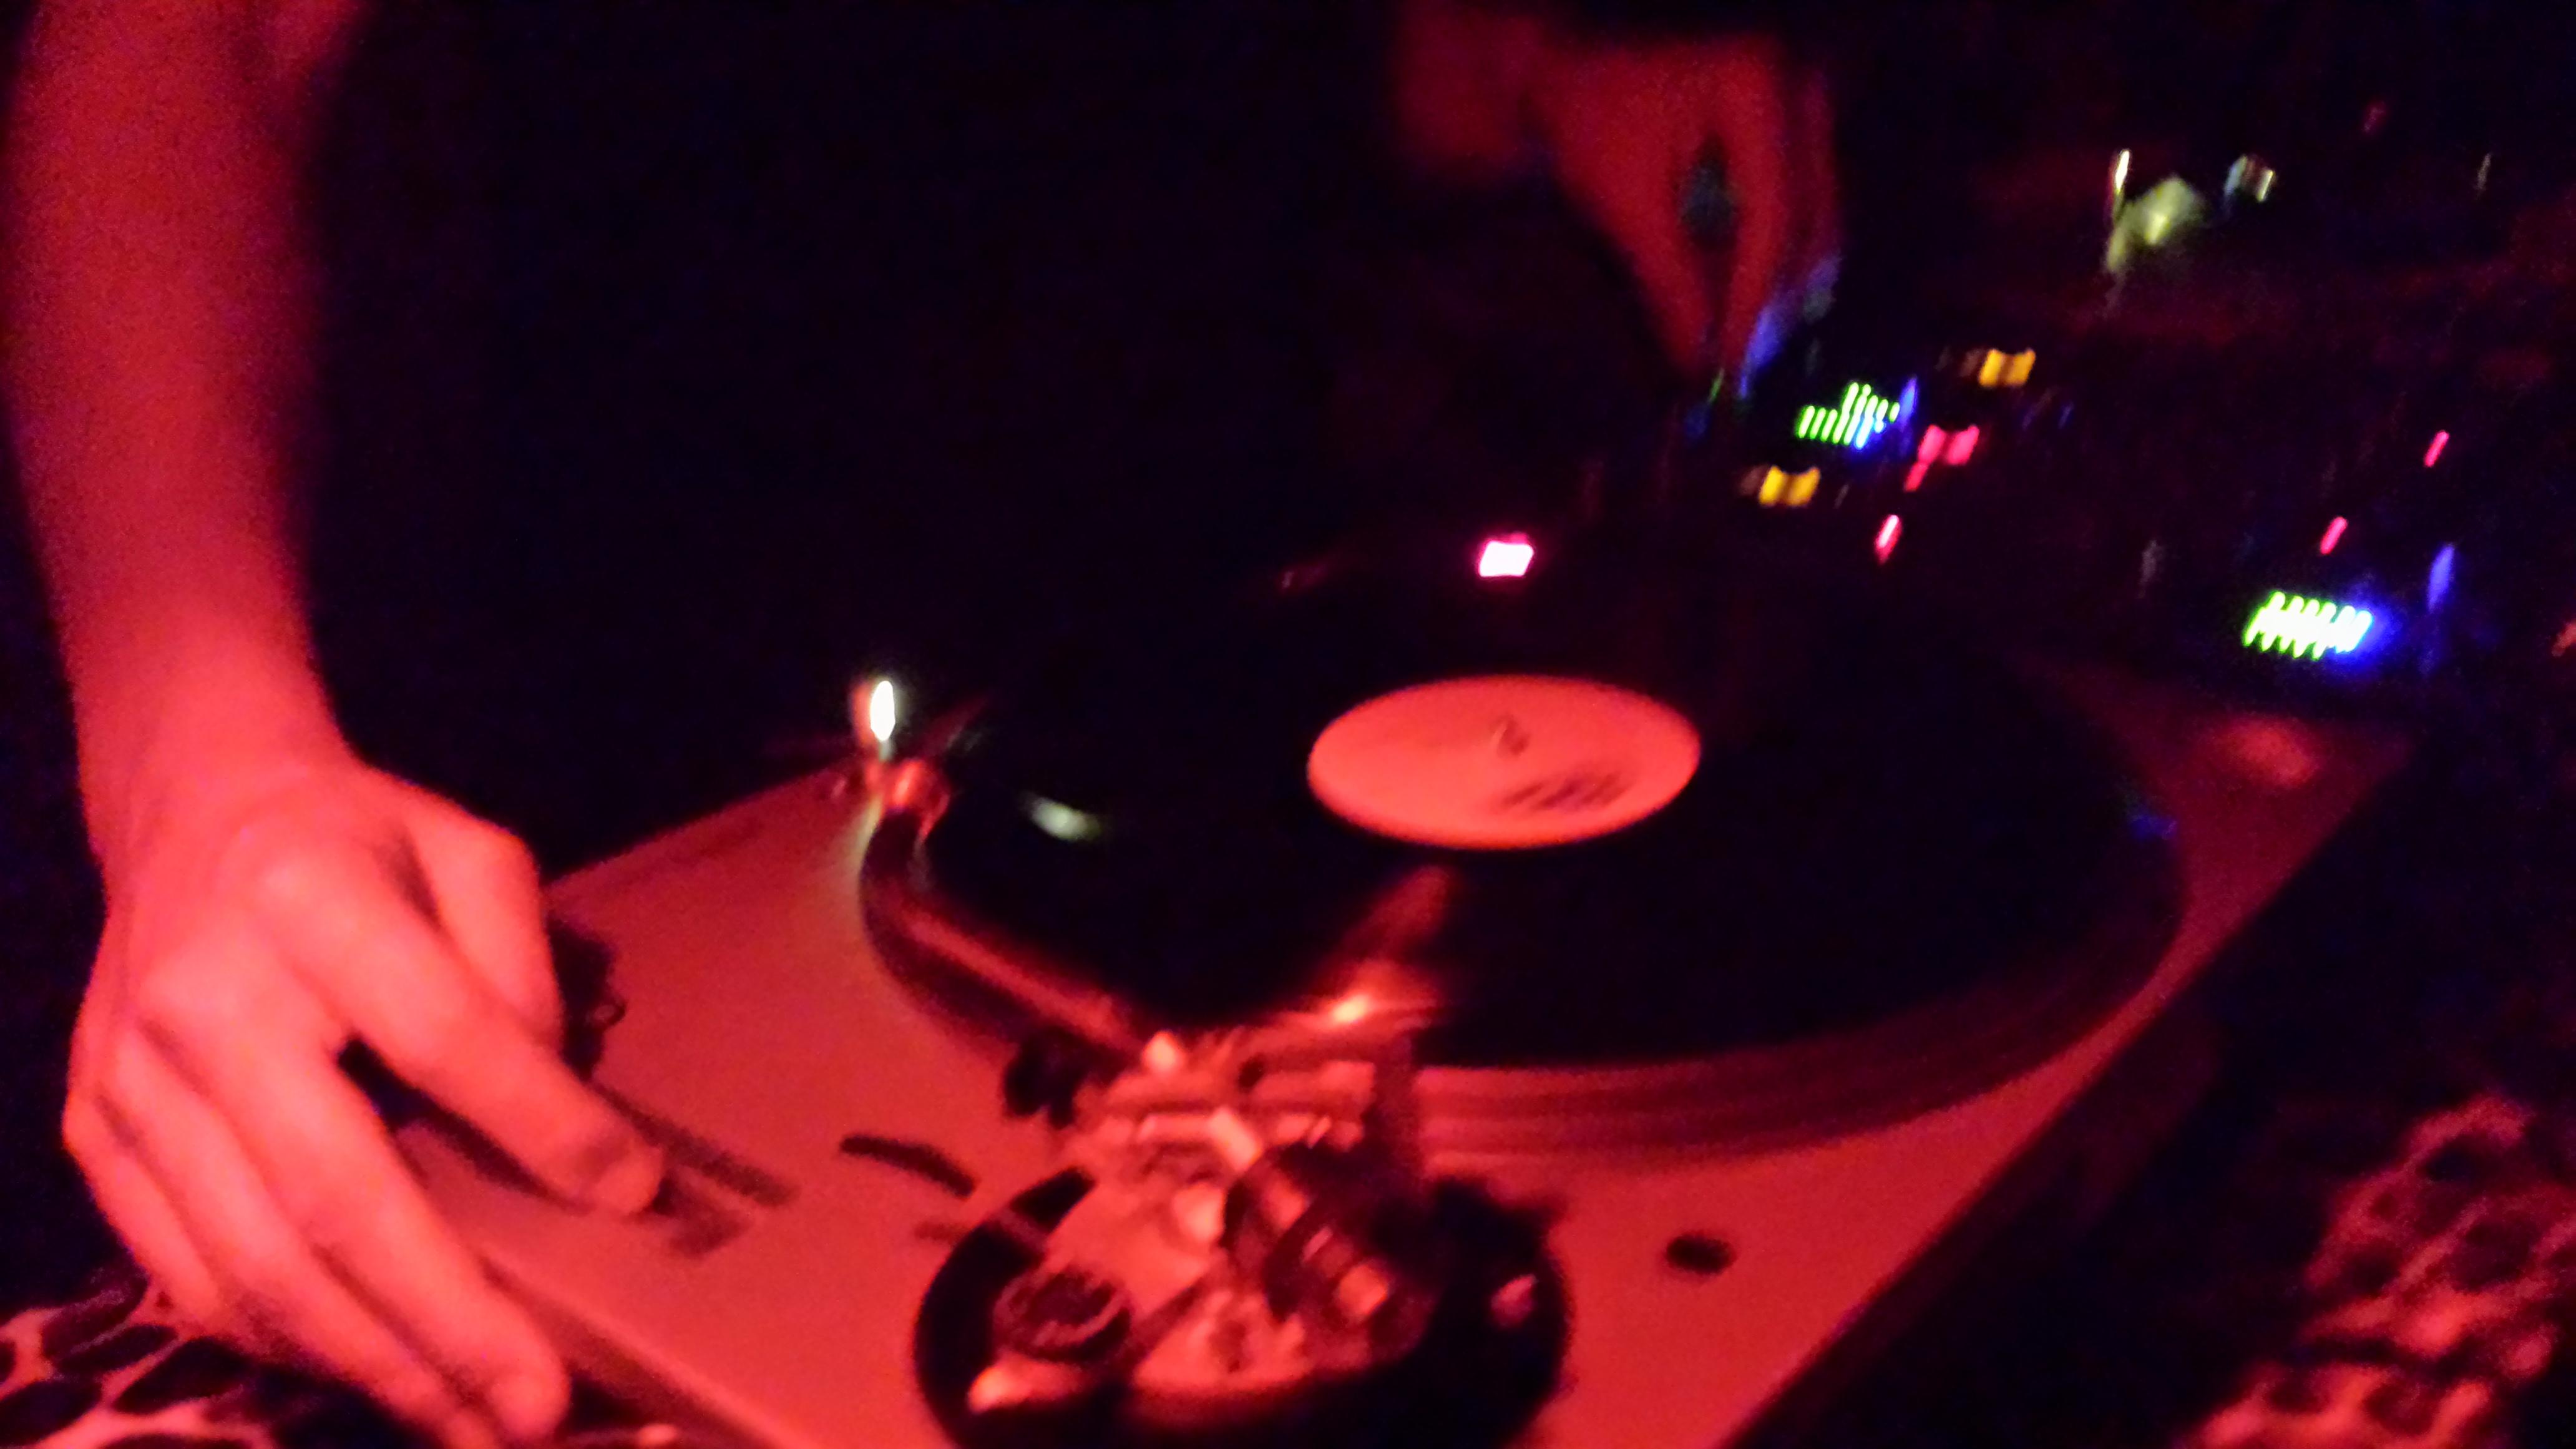 Este sabado en el keller...Plato de Vinyl electronico con la tripulacion Plastic House